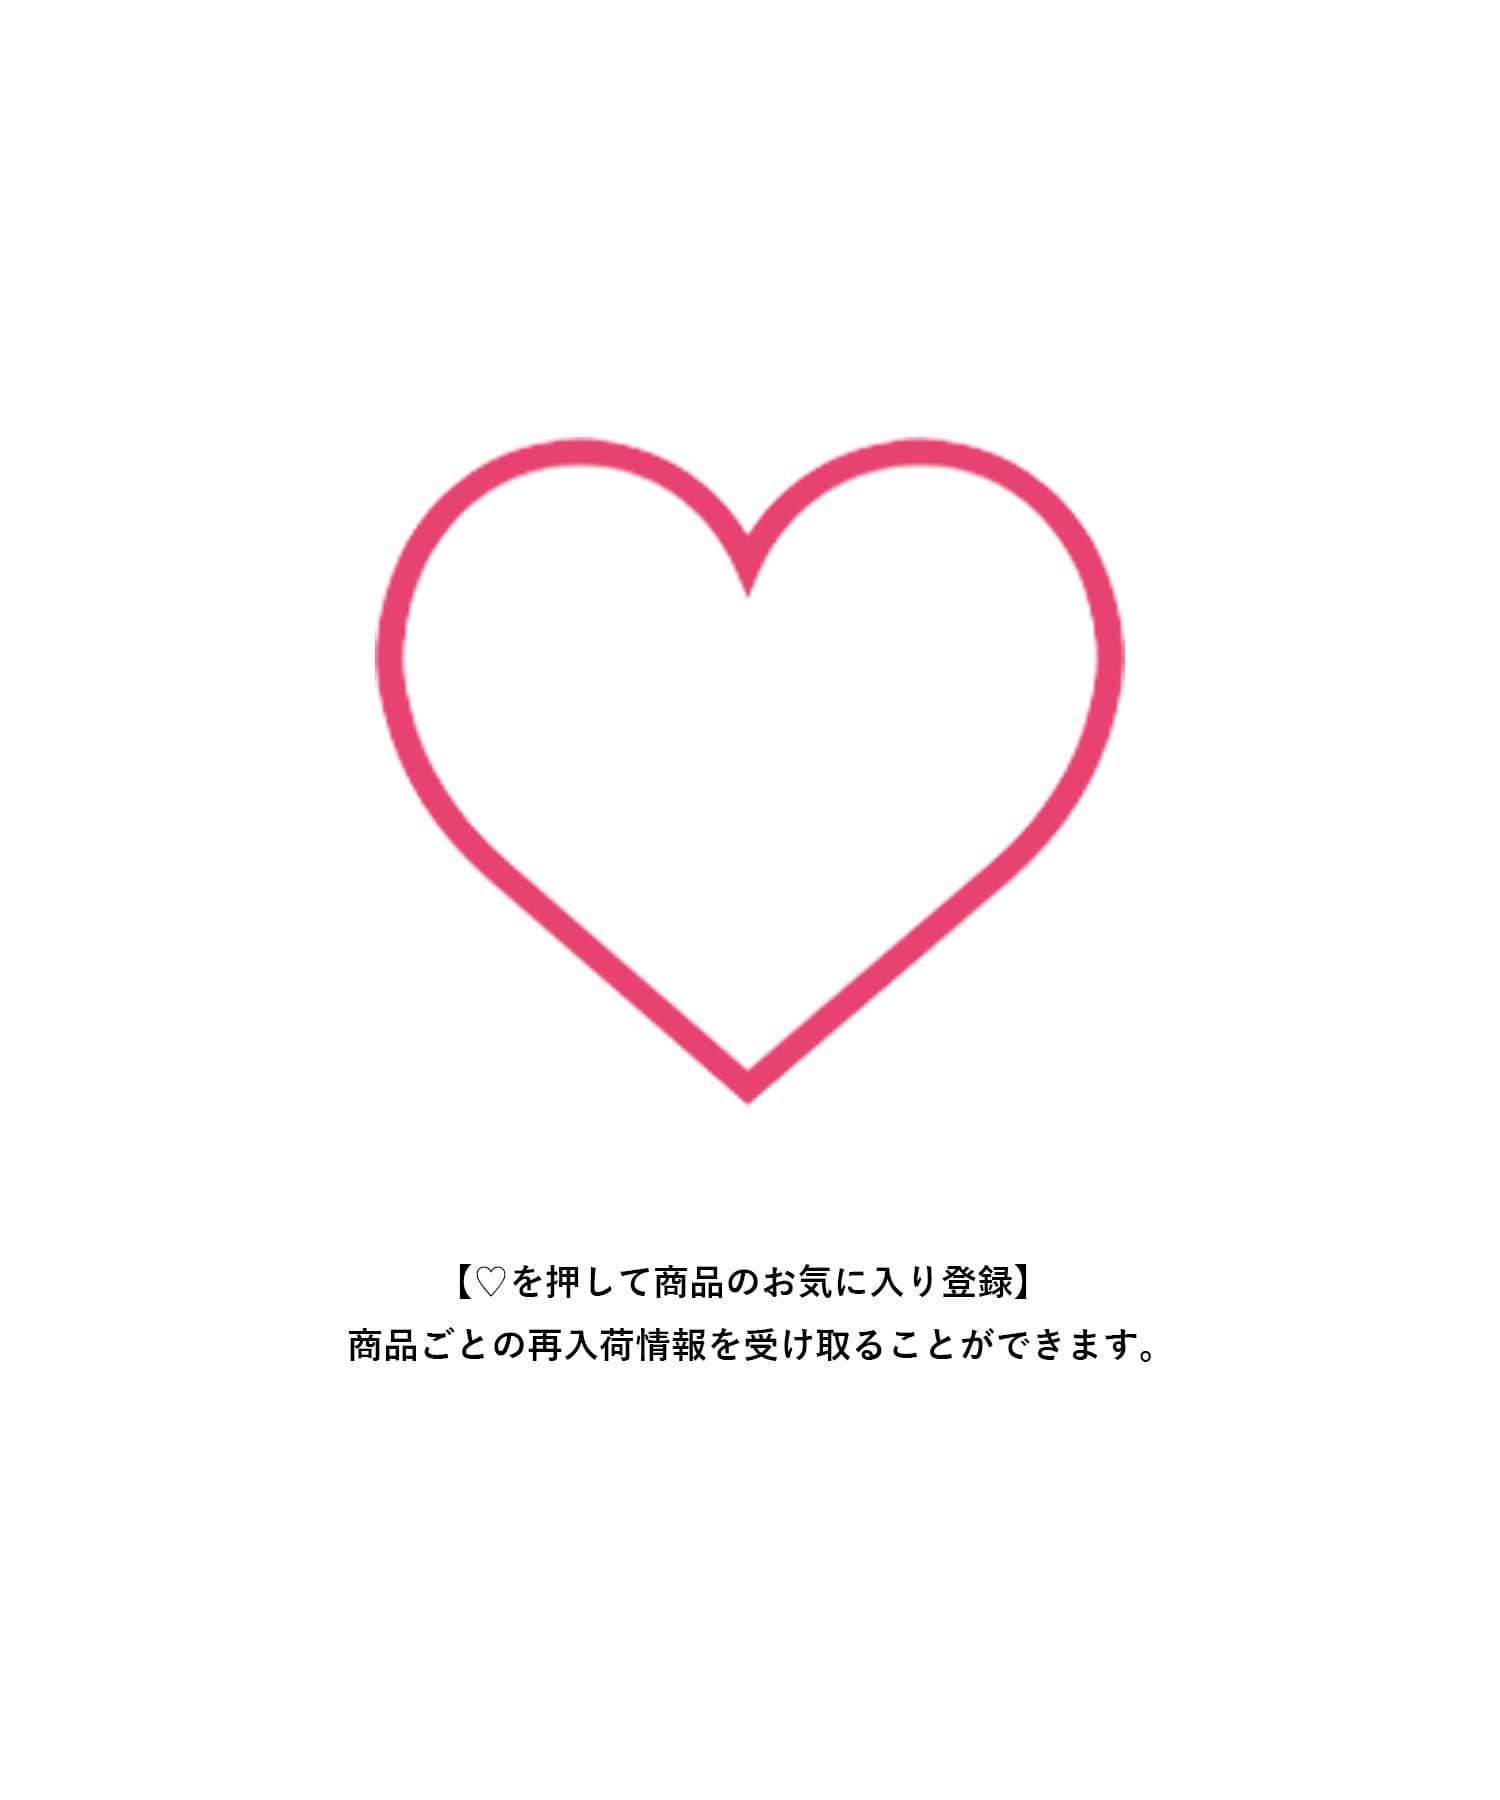 COLLAGE GALLARDAGALANTE(コラージュ ガリャルダガランテ) 【PAPILLONNER】【シンプルが似合う】ベーシックバックパック